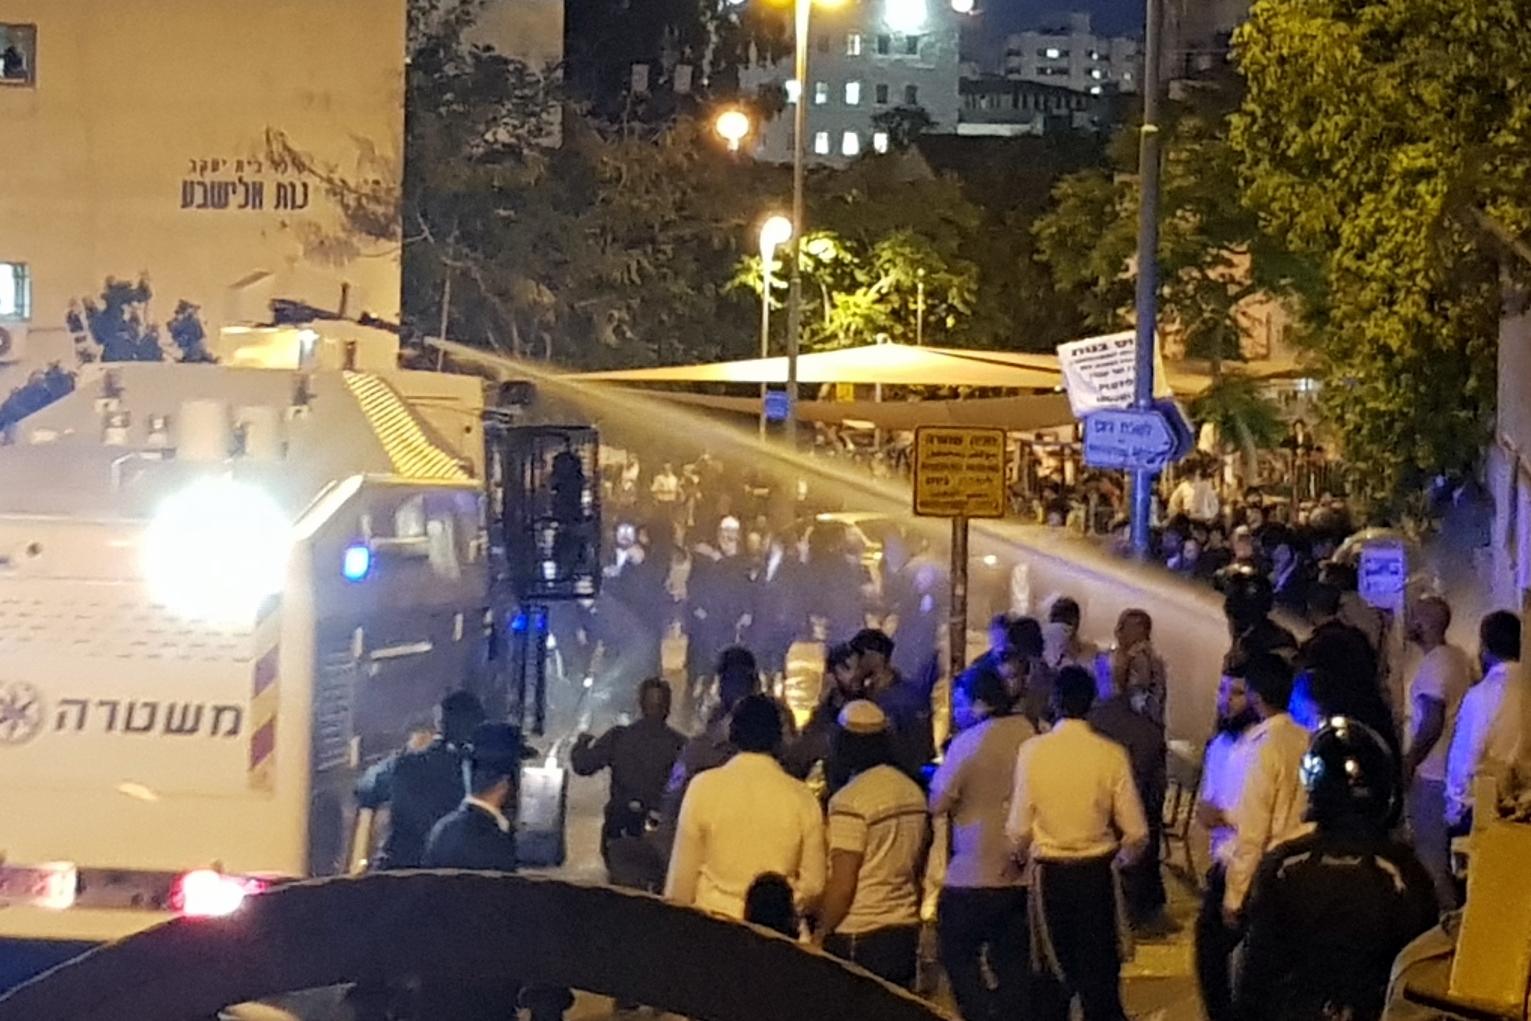 רימוני הלם ונפגעים: הפגנה סוערת מול לשכת הגיוס בשל מעצר צעירה